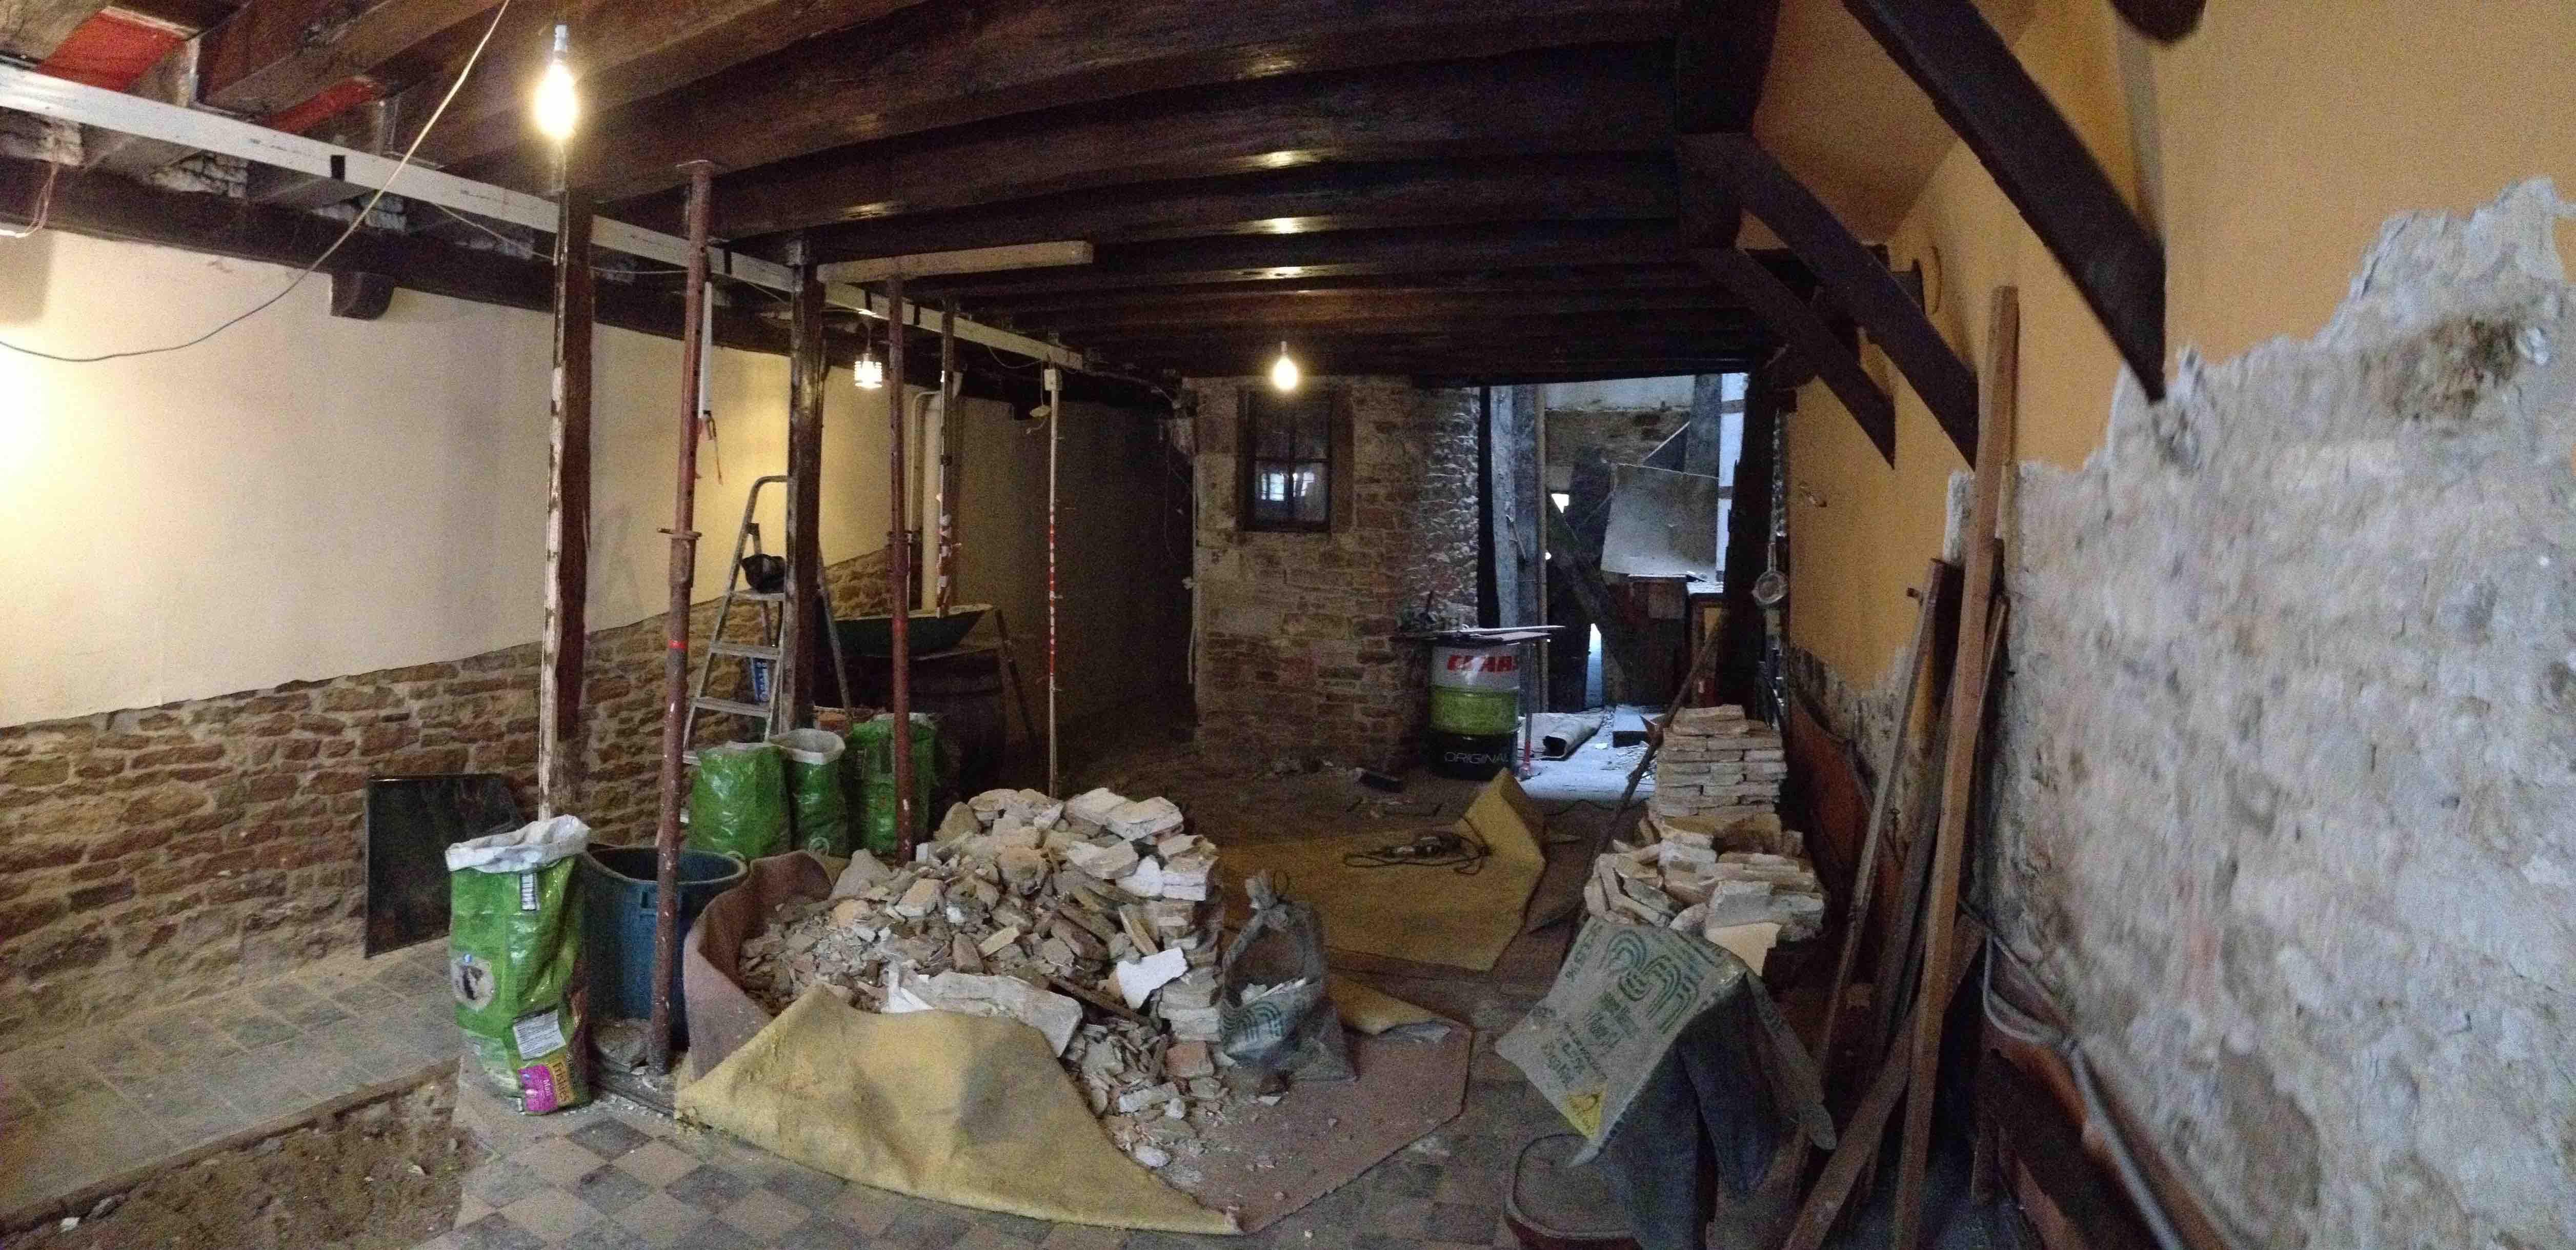 Ons nieuwe huis in het centrum van tournus, zuid bourgogne   krek ...